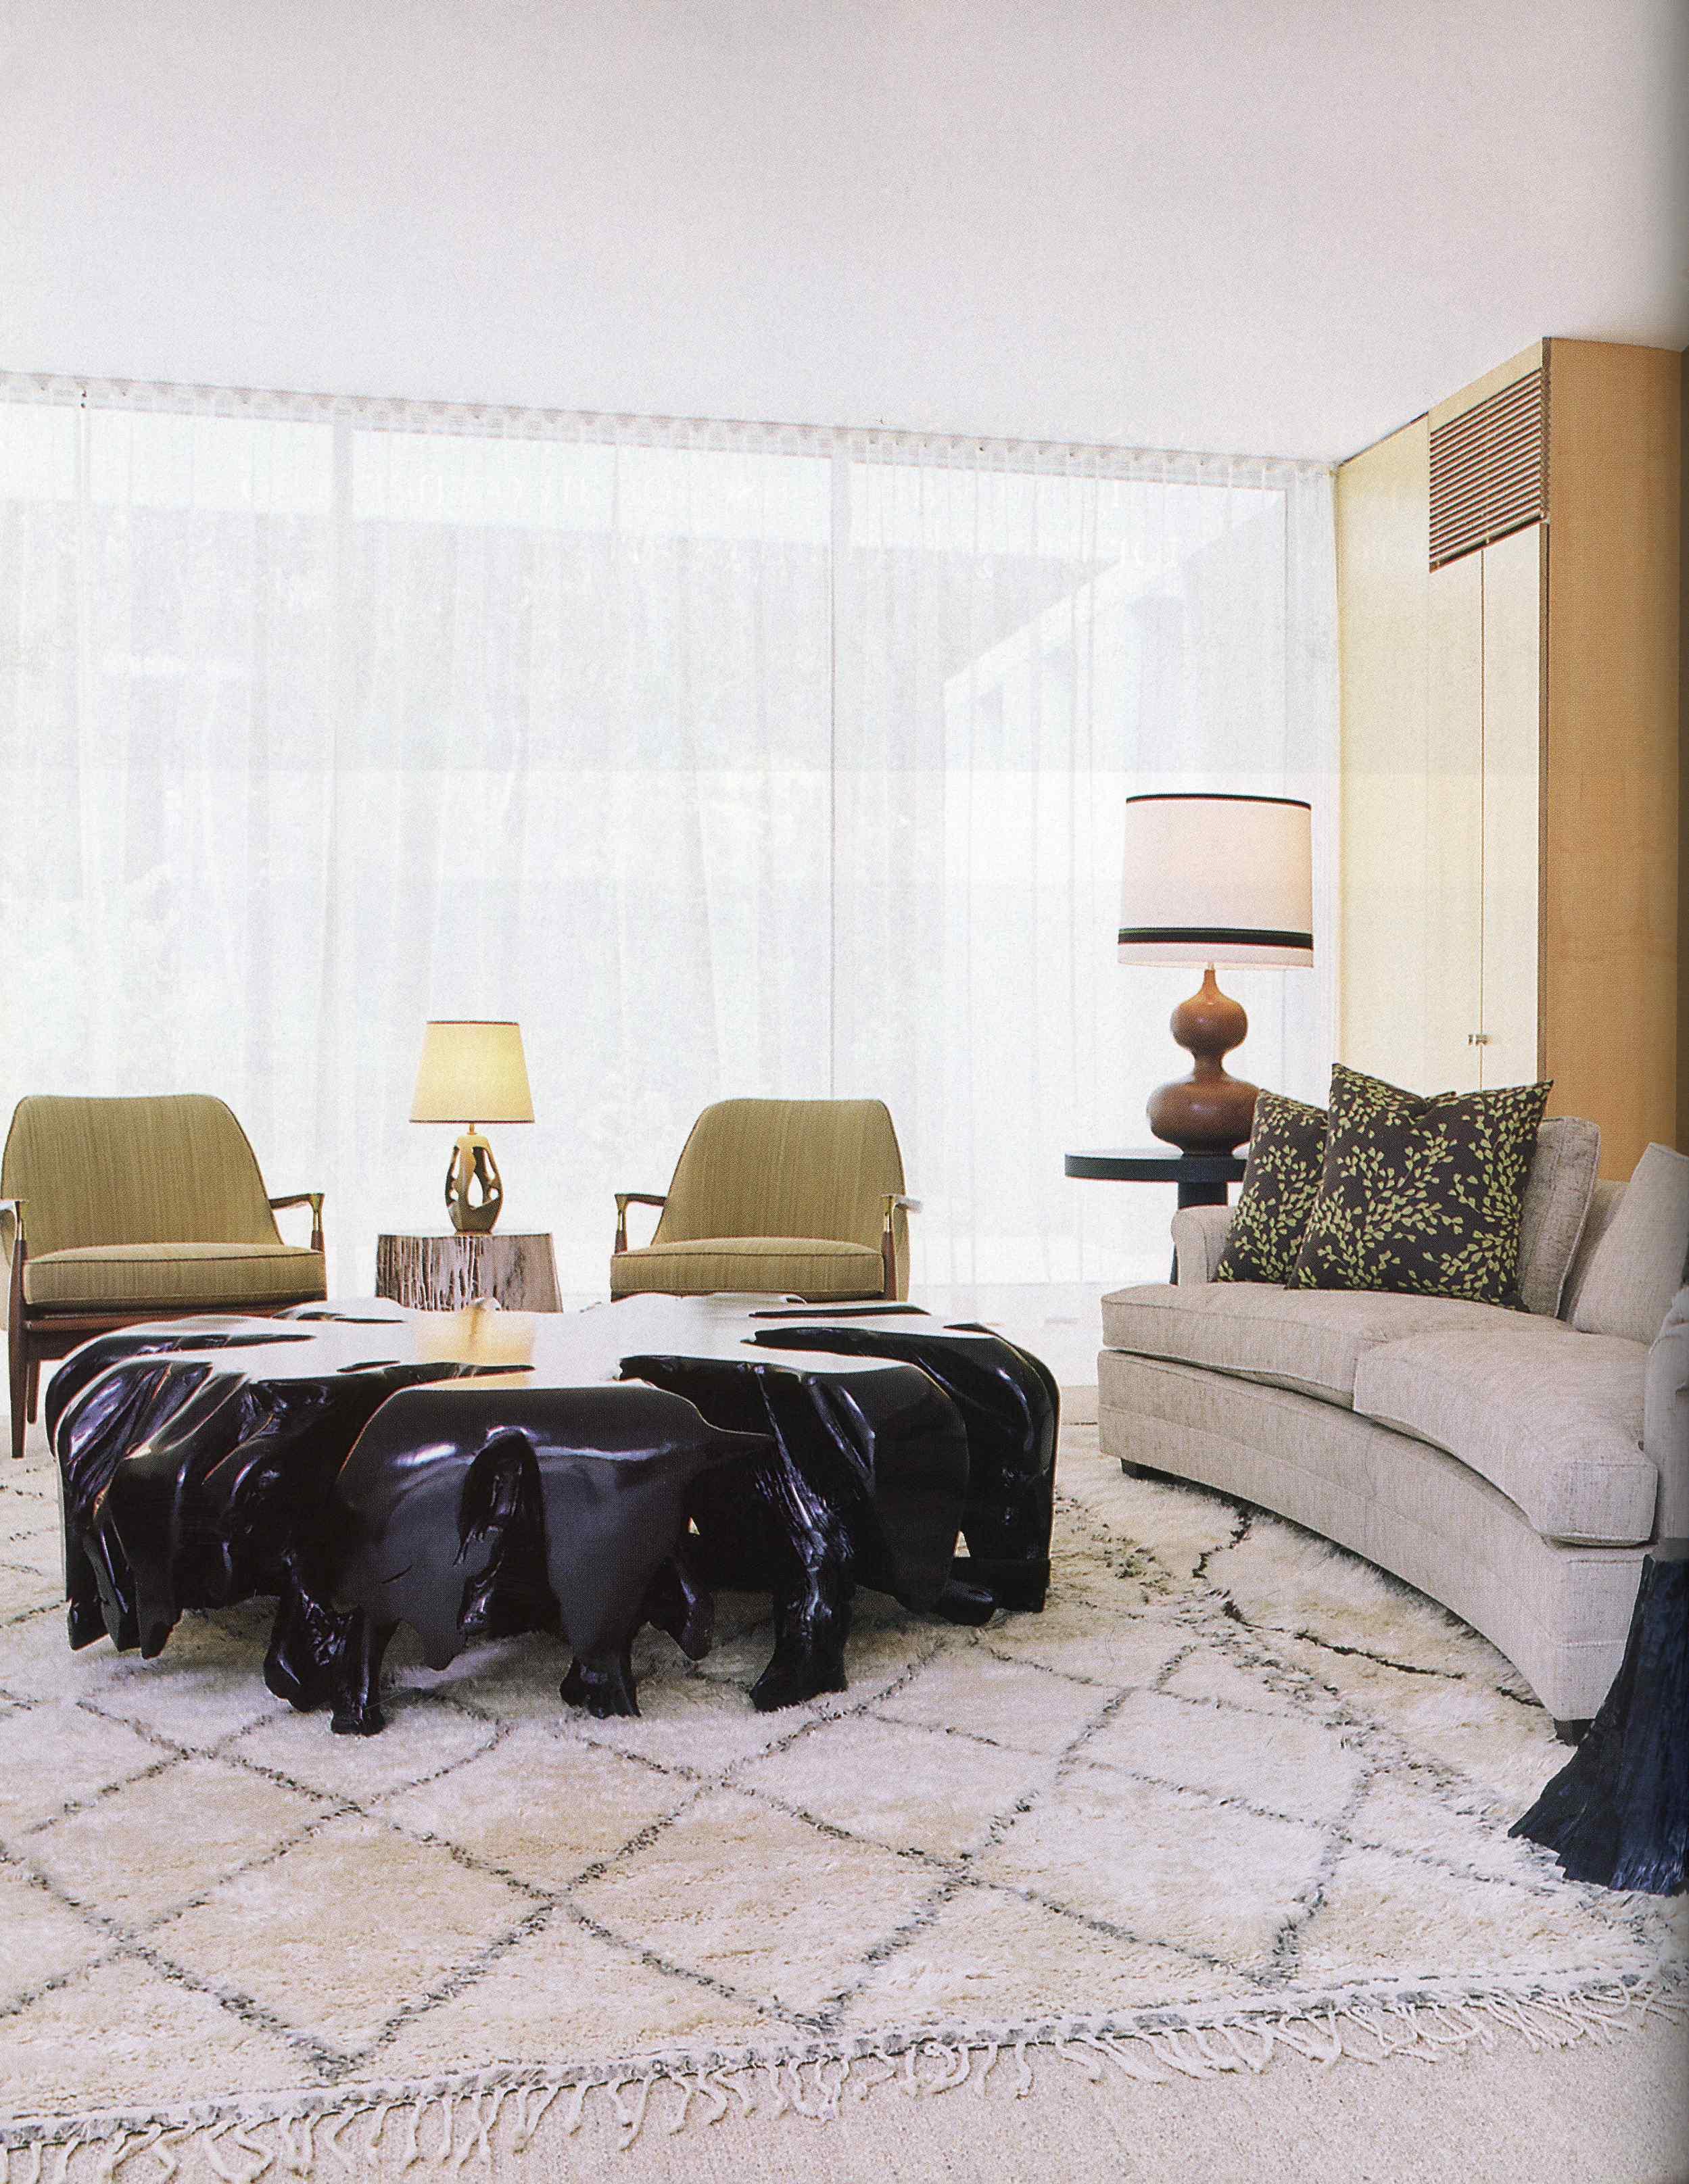 Met Home_Nov 08_Hamptons House_Full Article_Page_04.jpg